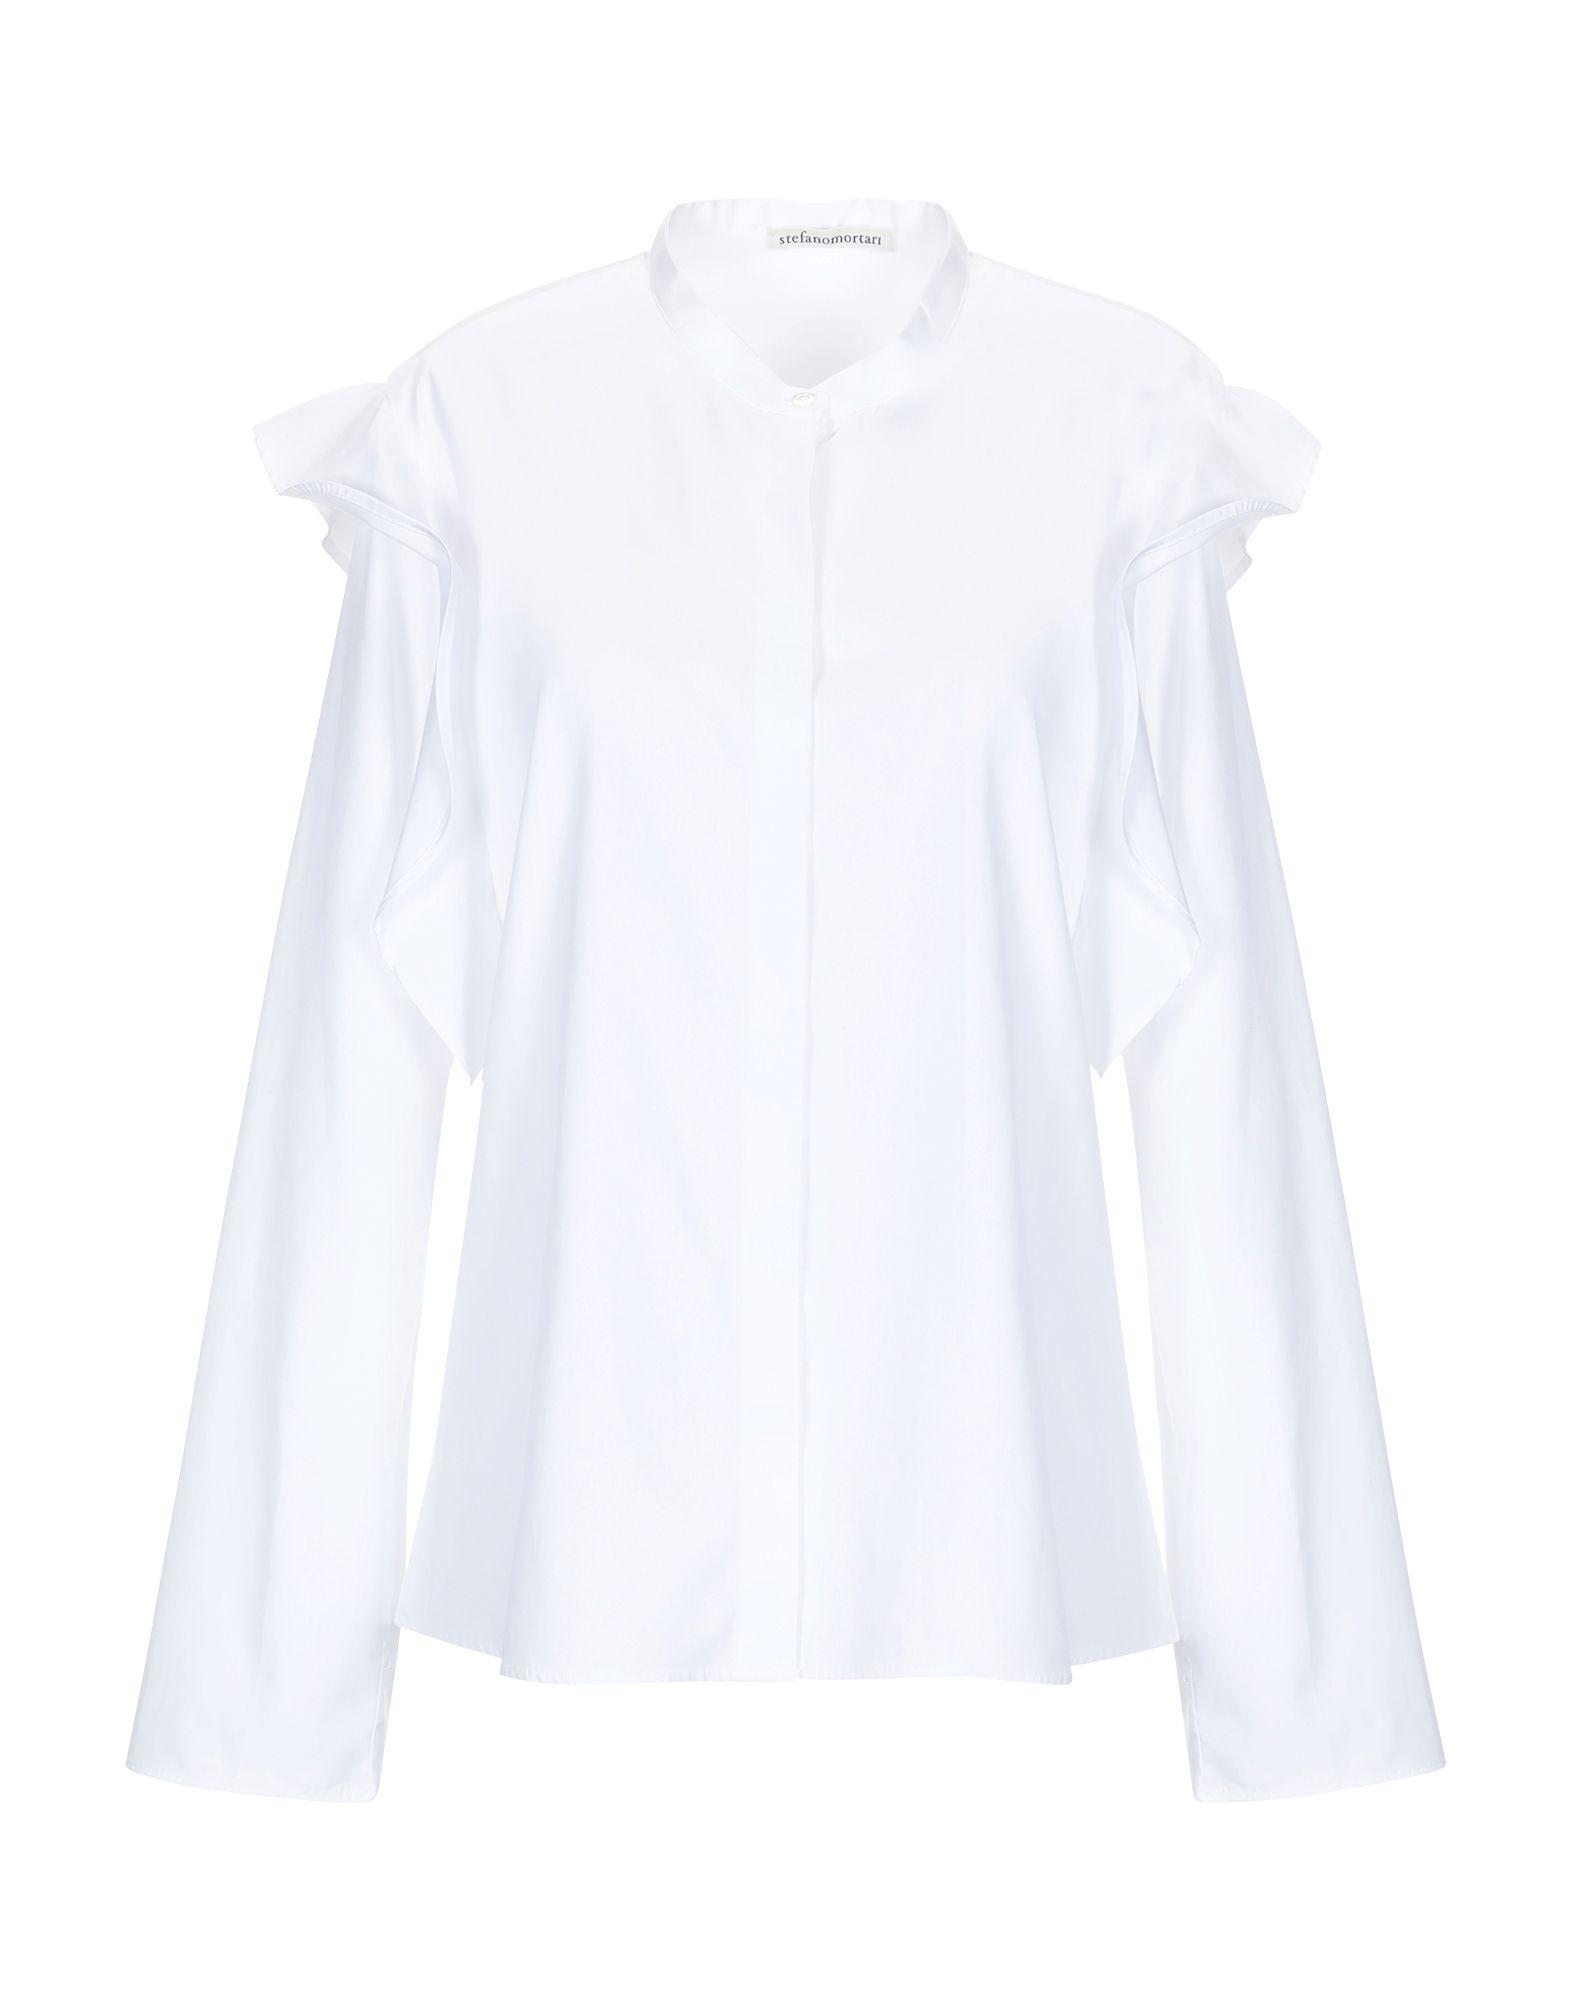 《送料無料》STEFANO MORTARI レディース シャツ ホワイト 40 コットン 100%